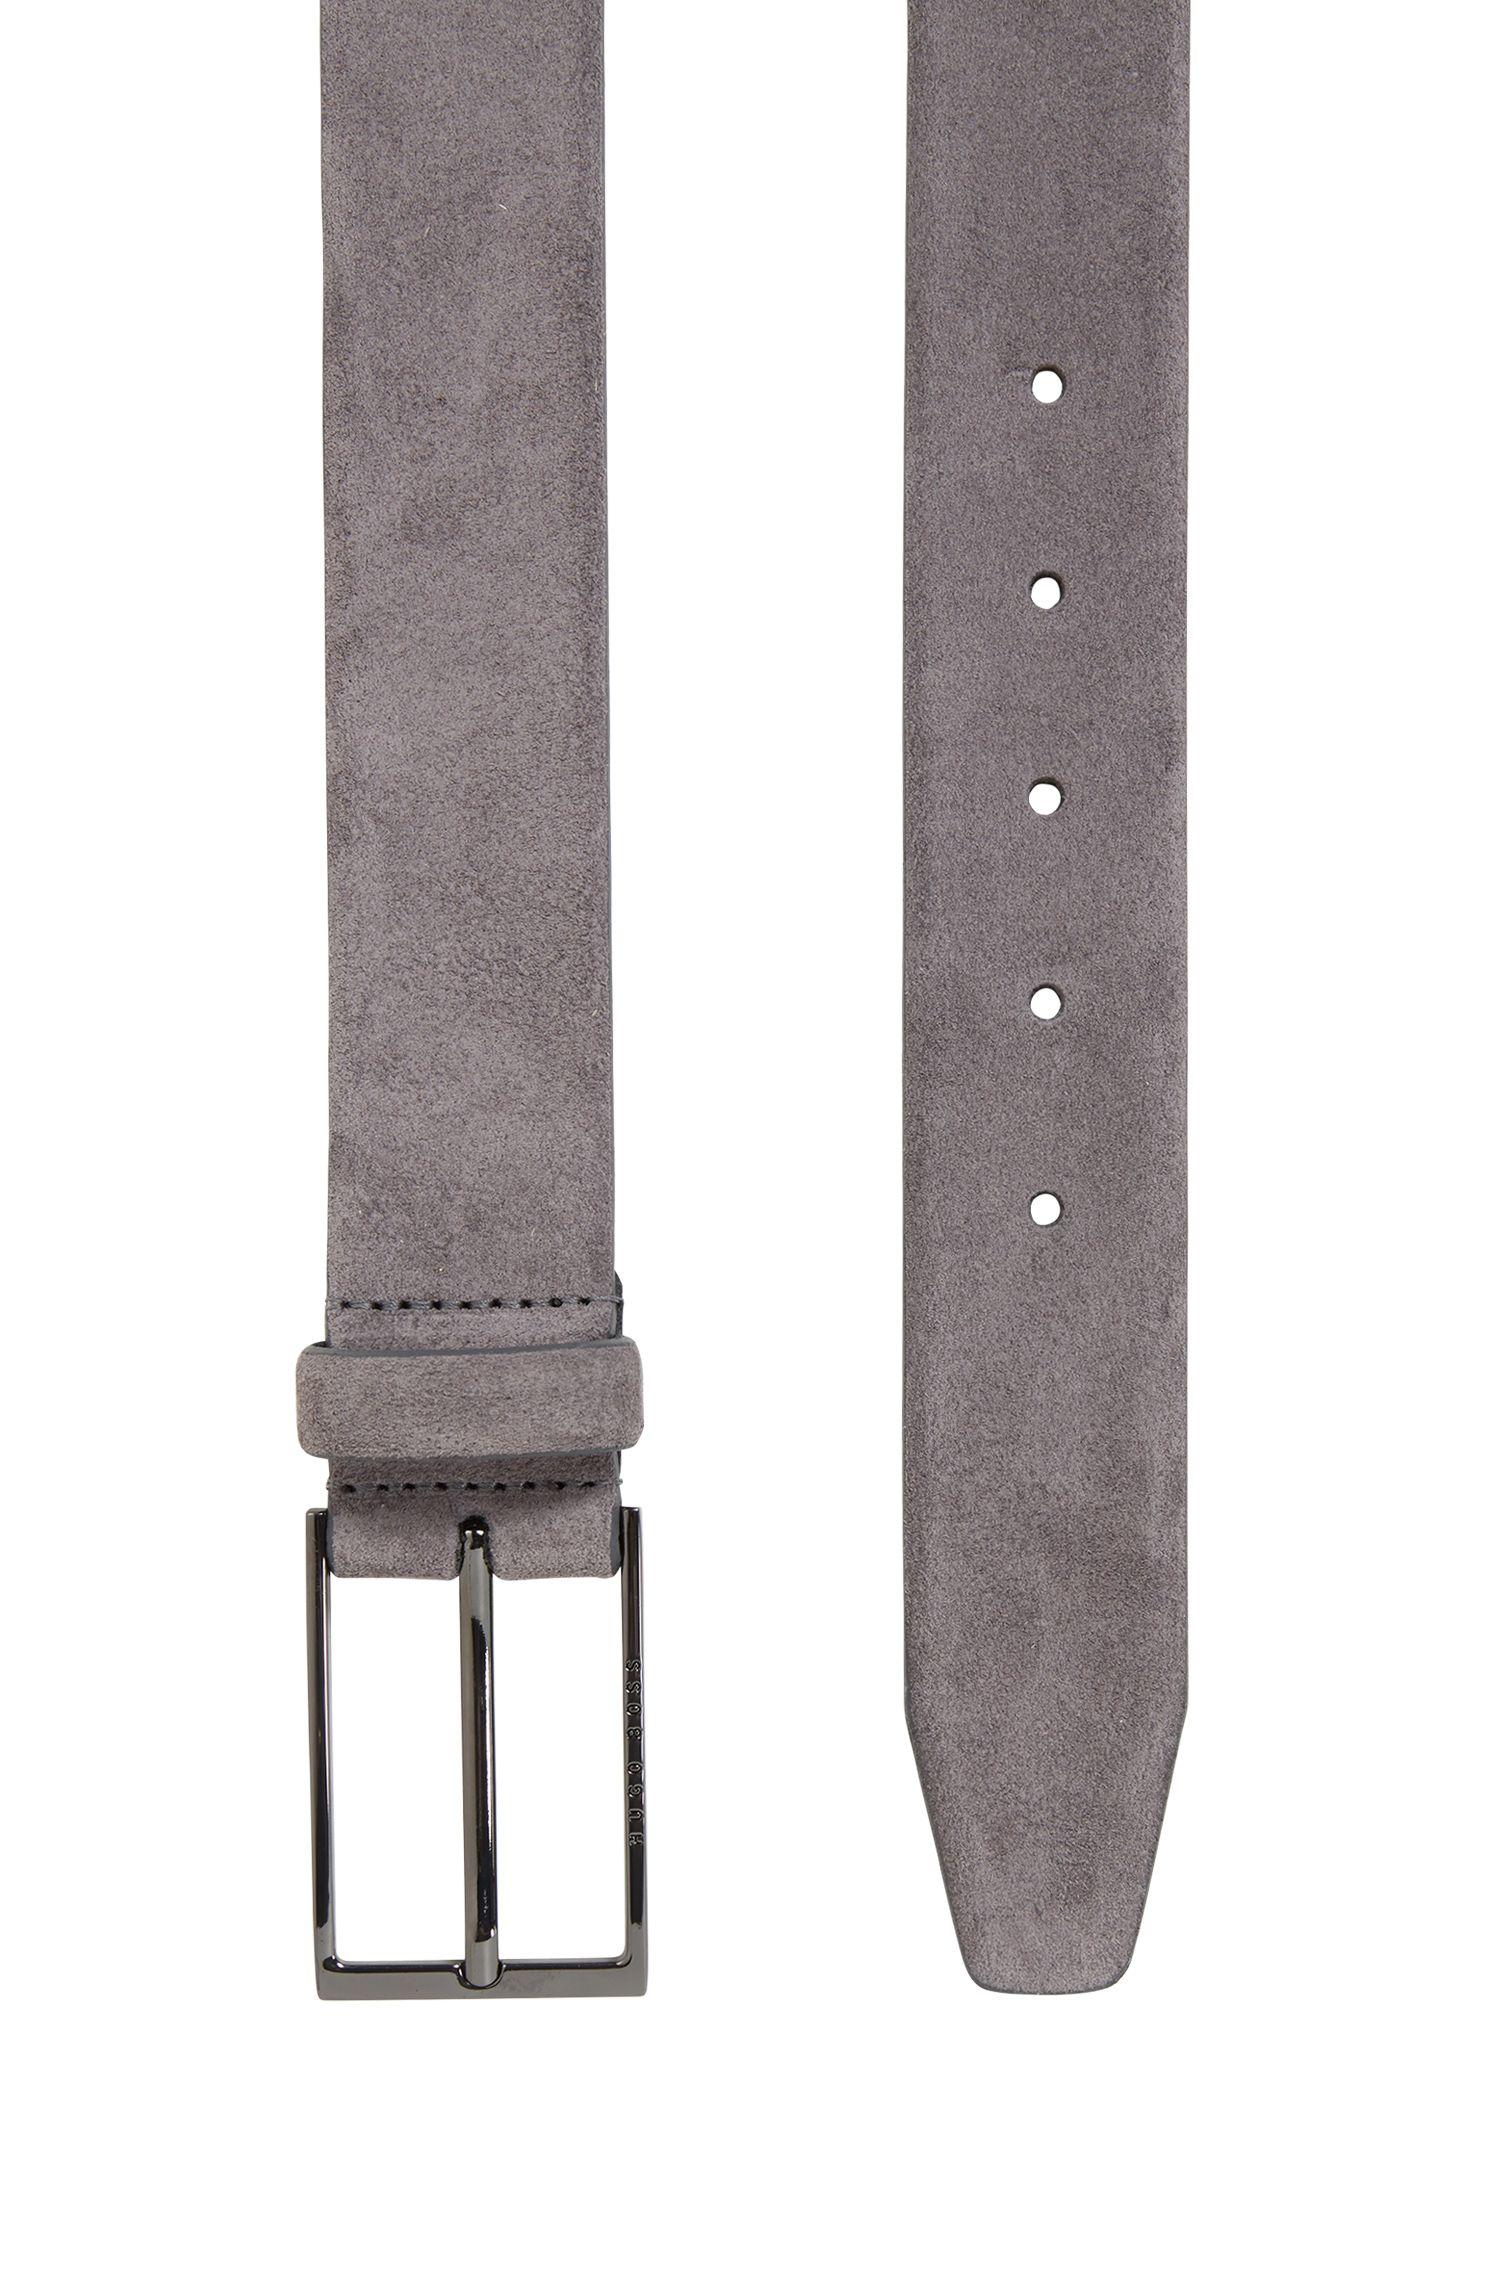 Cintura in pelle scamosciata con fibbia ad ardiglione lucida color canna di fucile